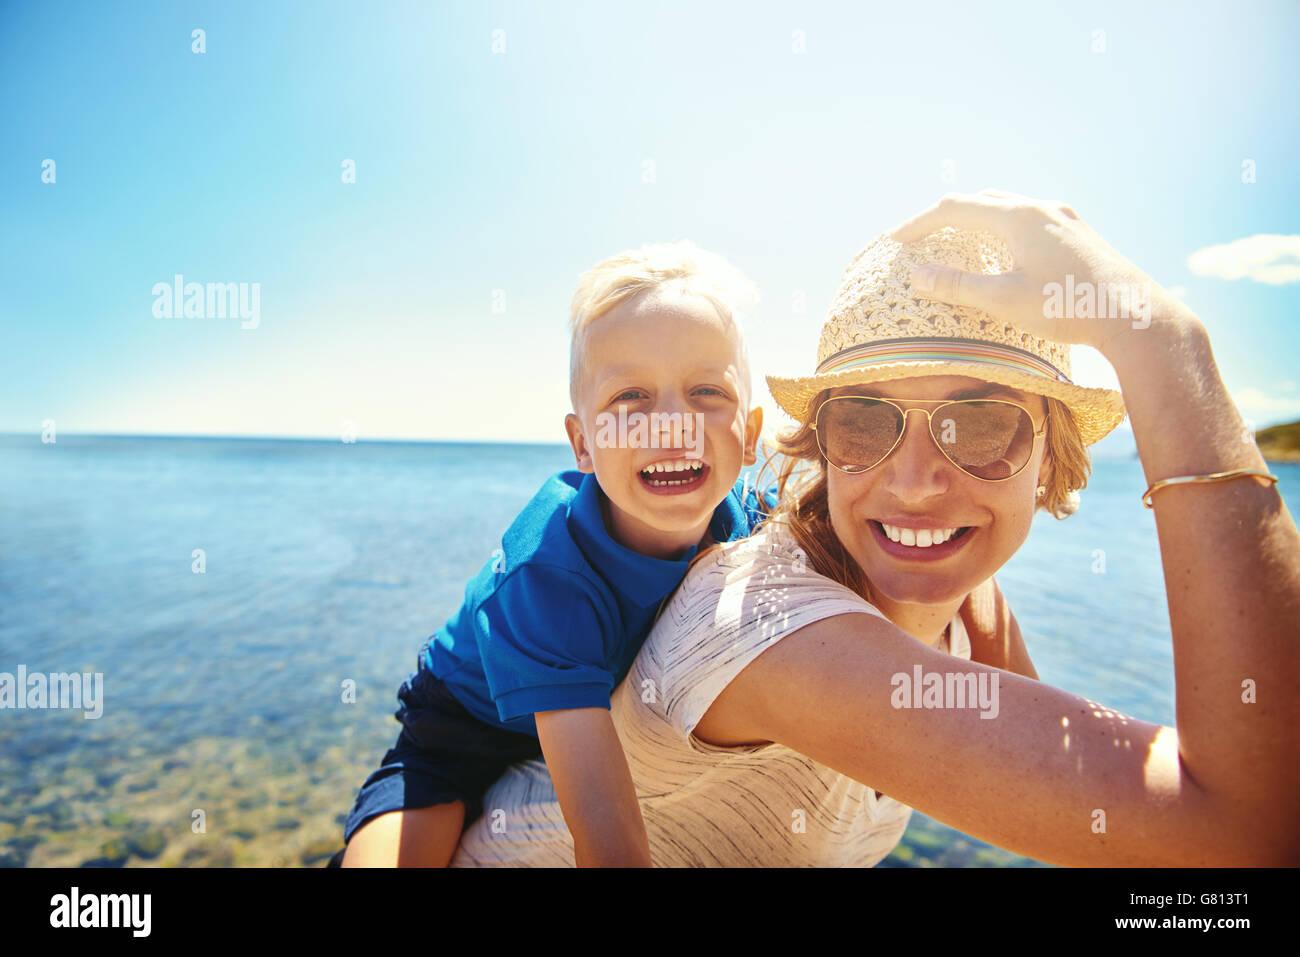 Feliz joven madre y su hijo en una playa tropical con la risa niñito obteniendo un piggy back ride sobre su Imagen De Stock